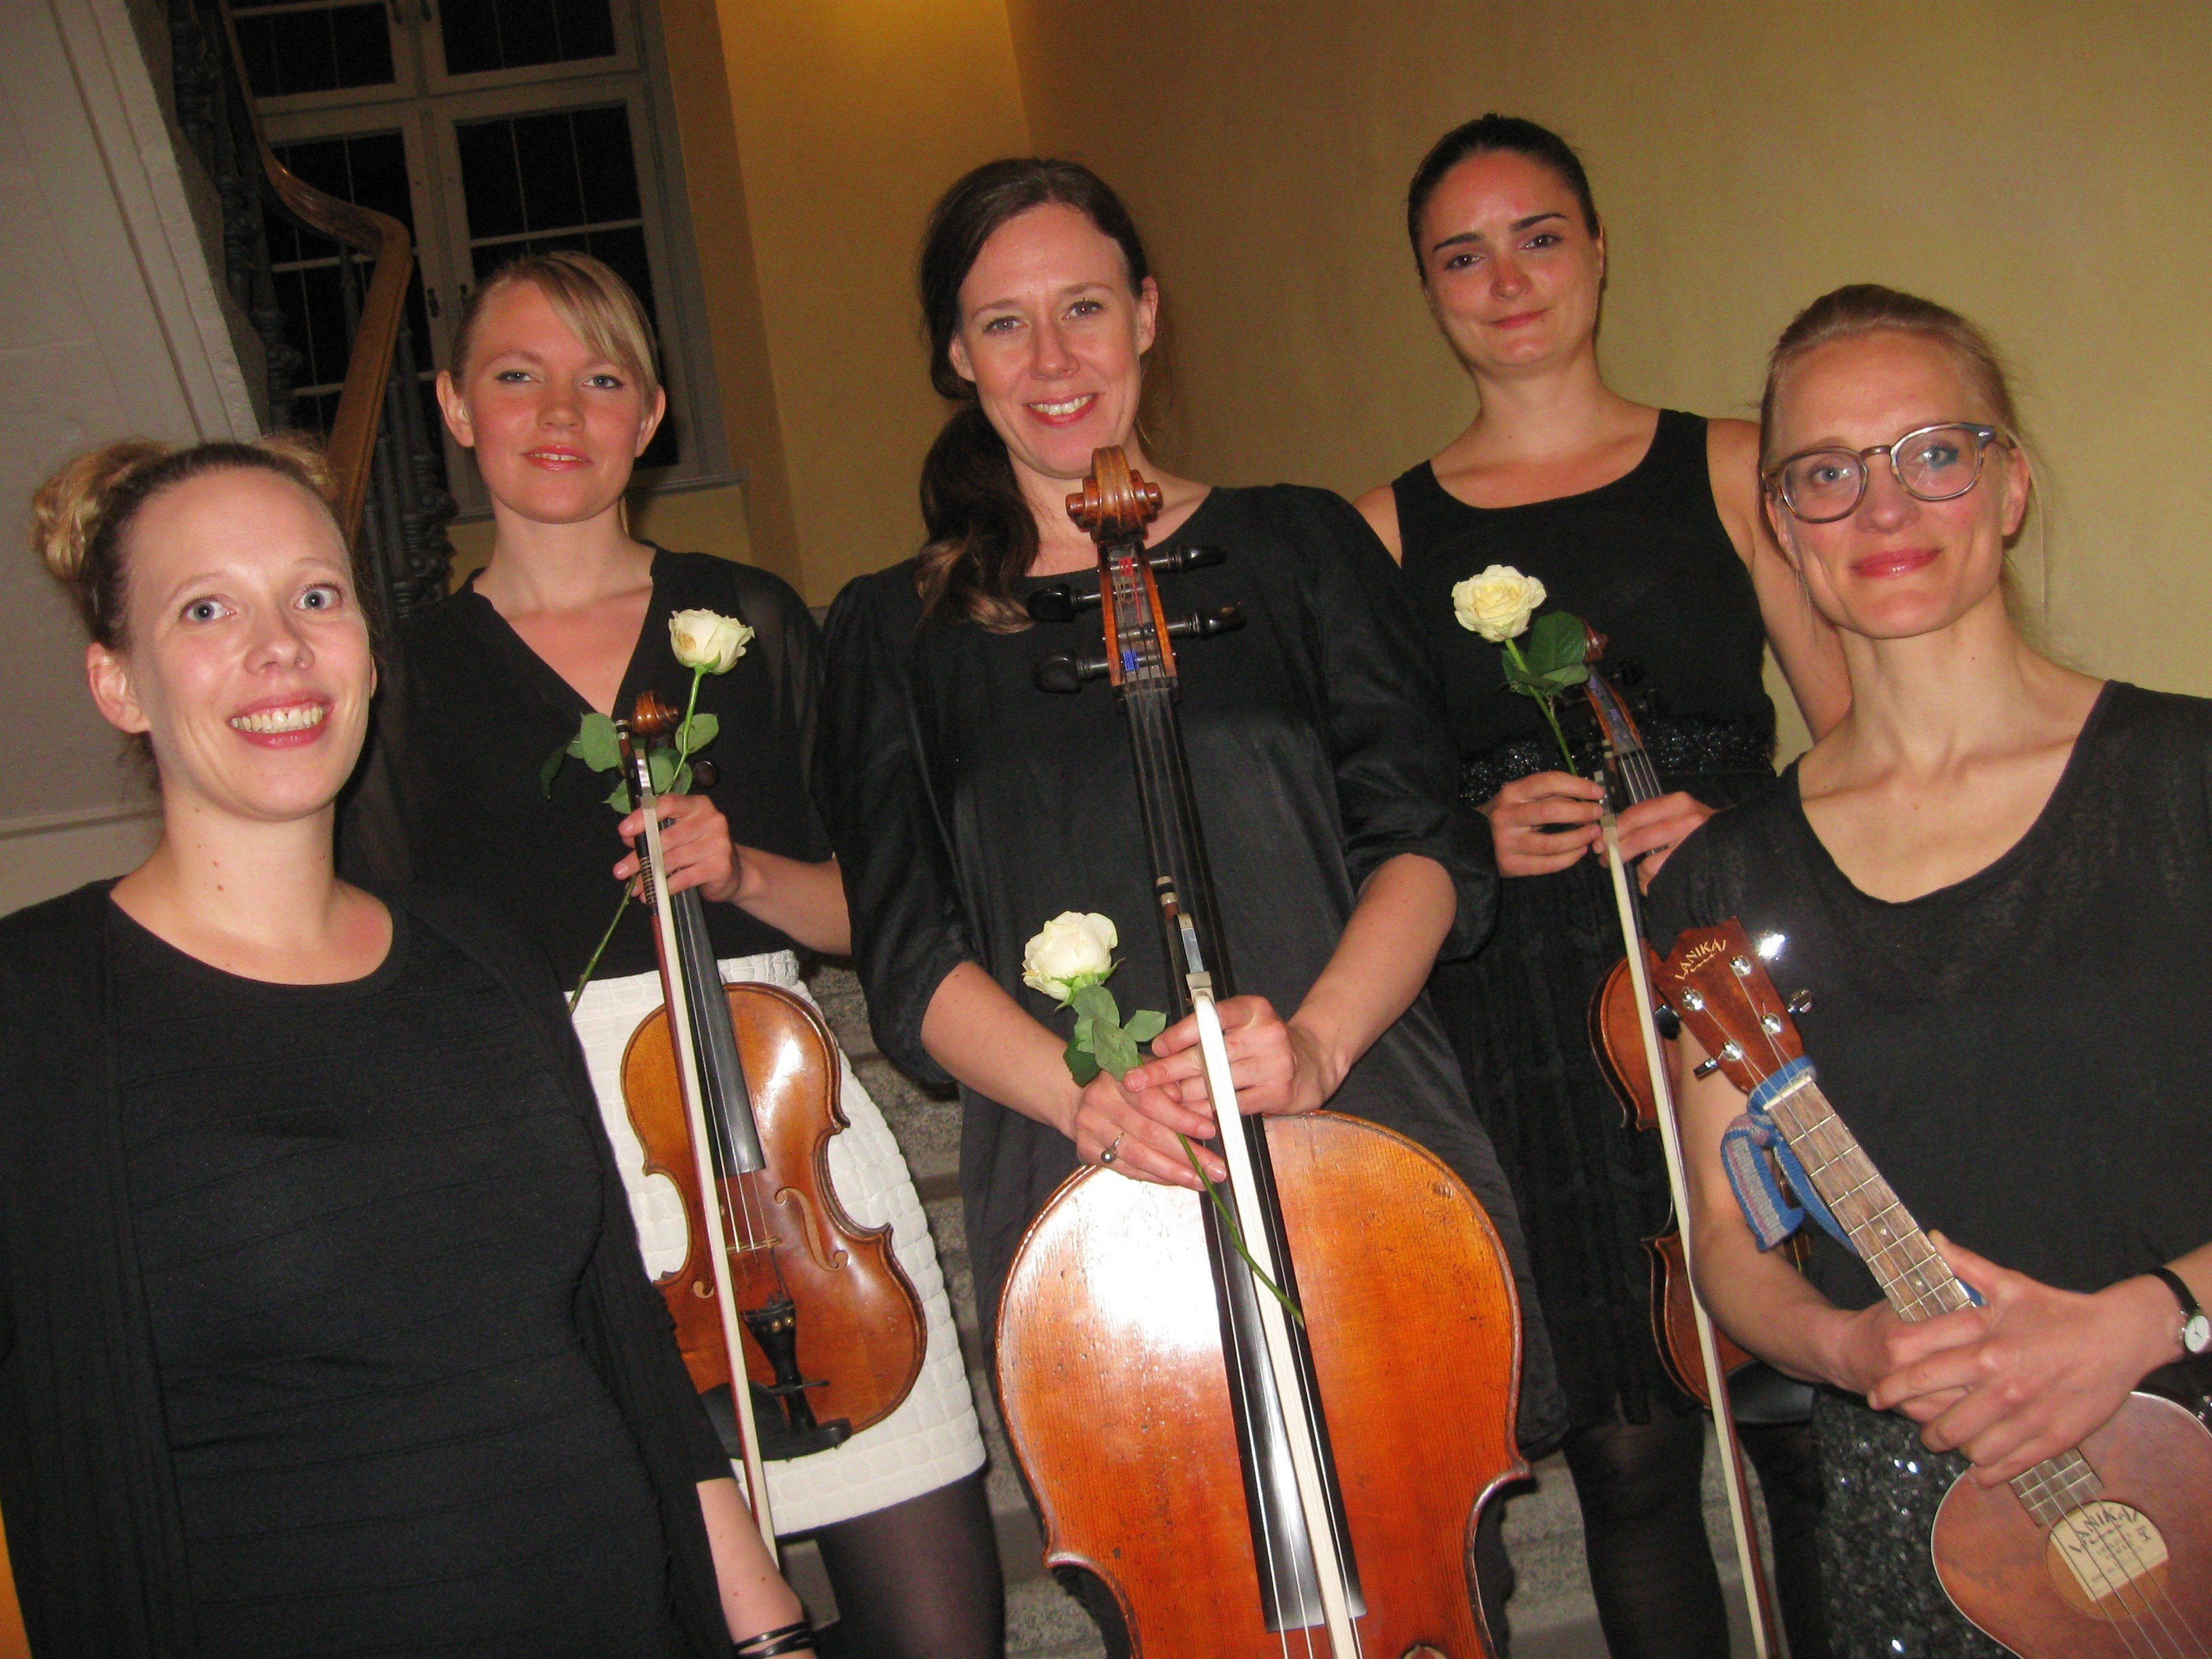 Unwiderstehlich angezogen von Musik – Ulla Pihl & Strings begeistern in der Aula der Universität